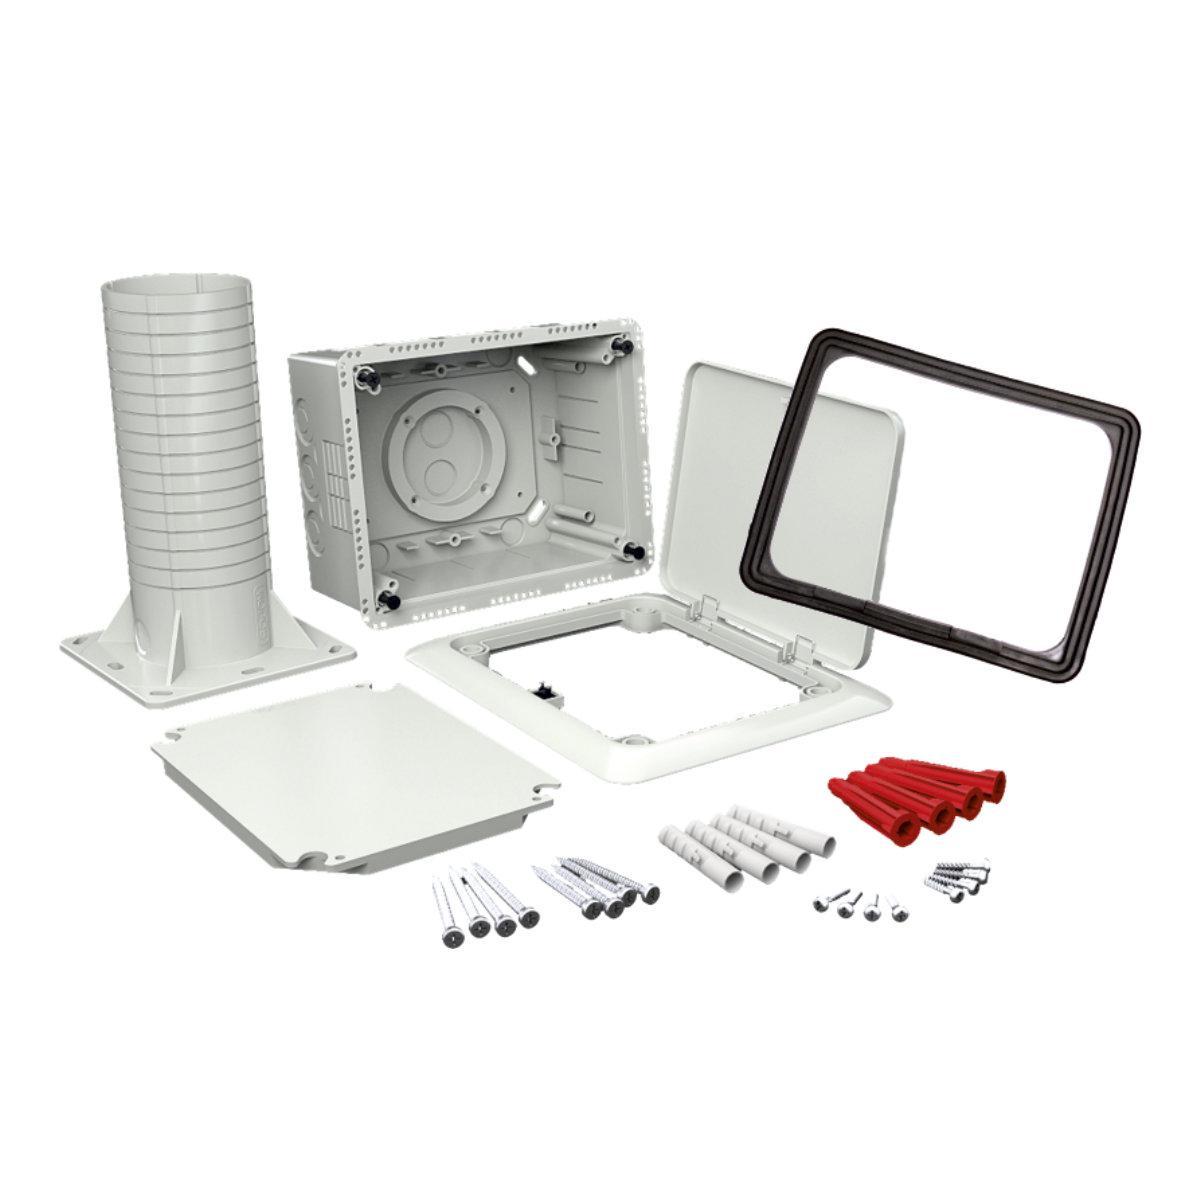 Коробка універсальна з відкидною кришкою та тубусом (використовується при термоізоляції будівель) Полікарбонат; розміри 170х210х330мм